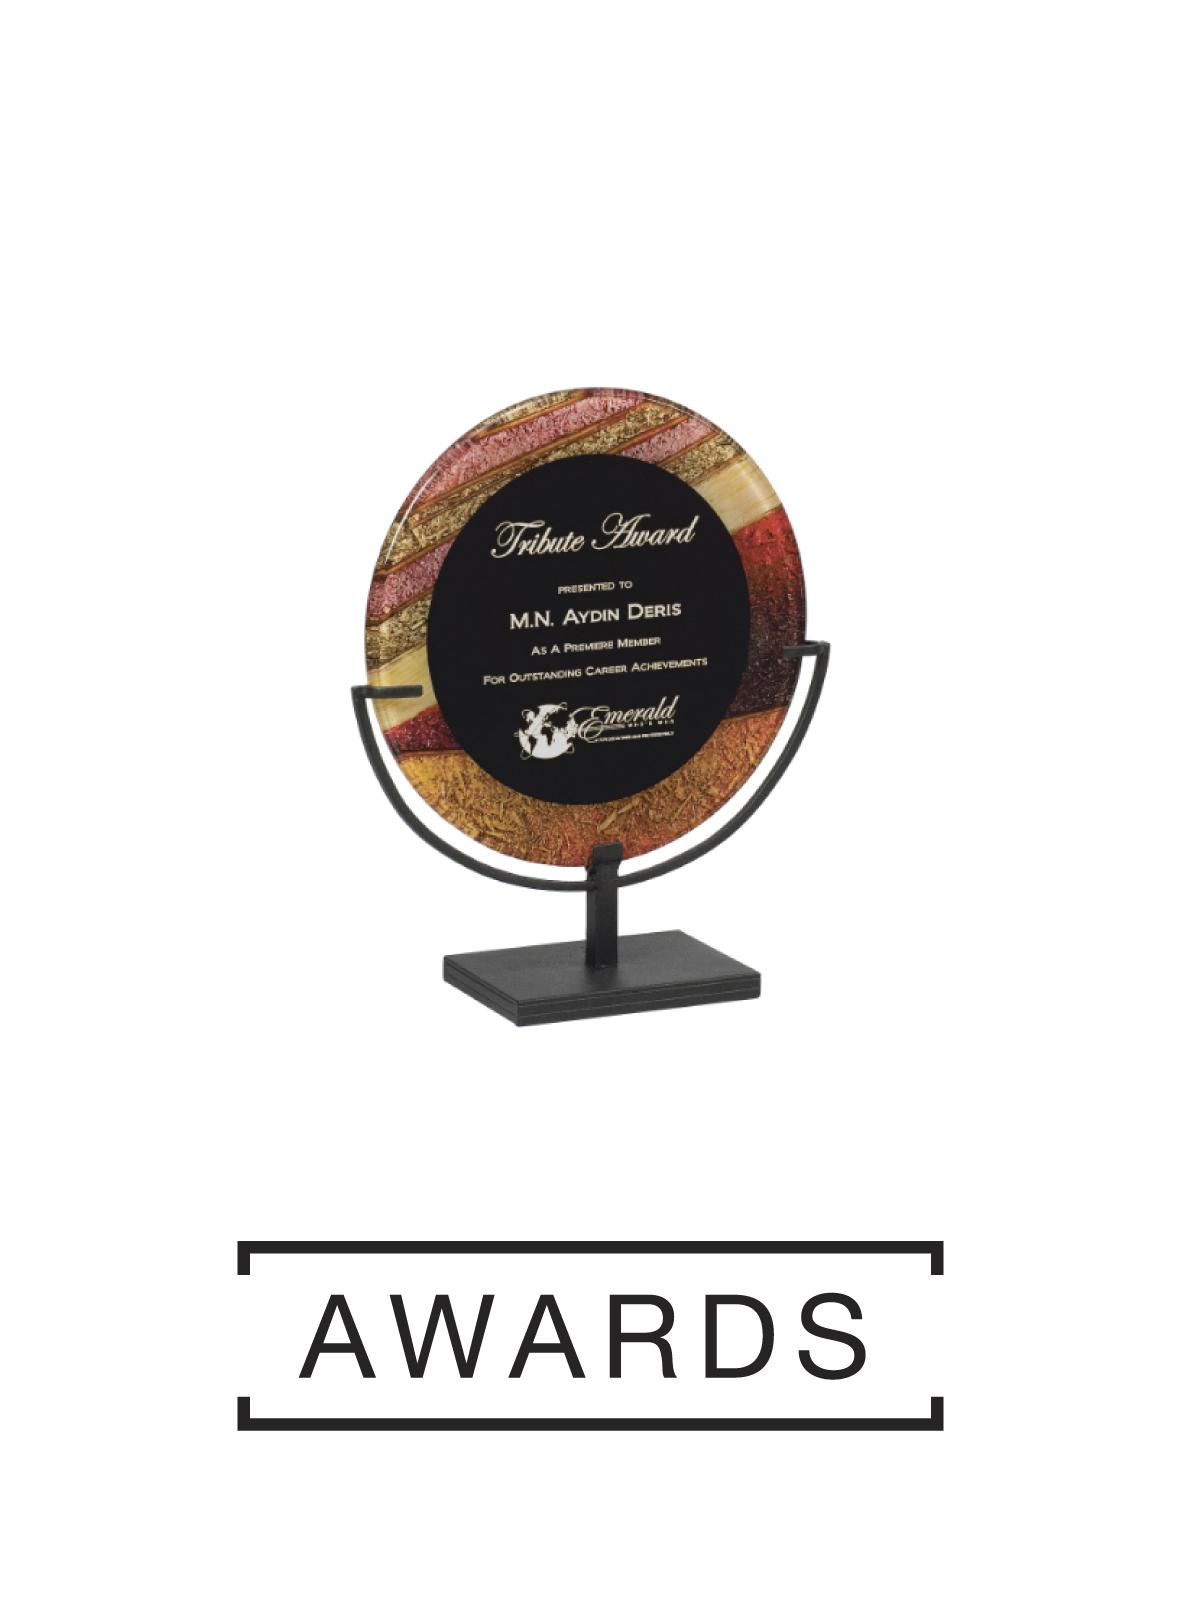 awards button.jpg